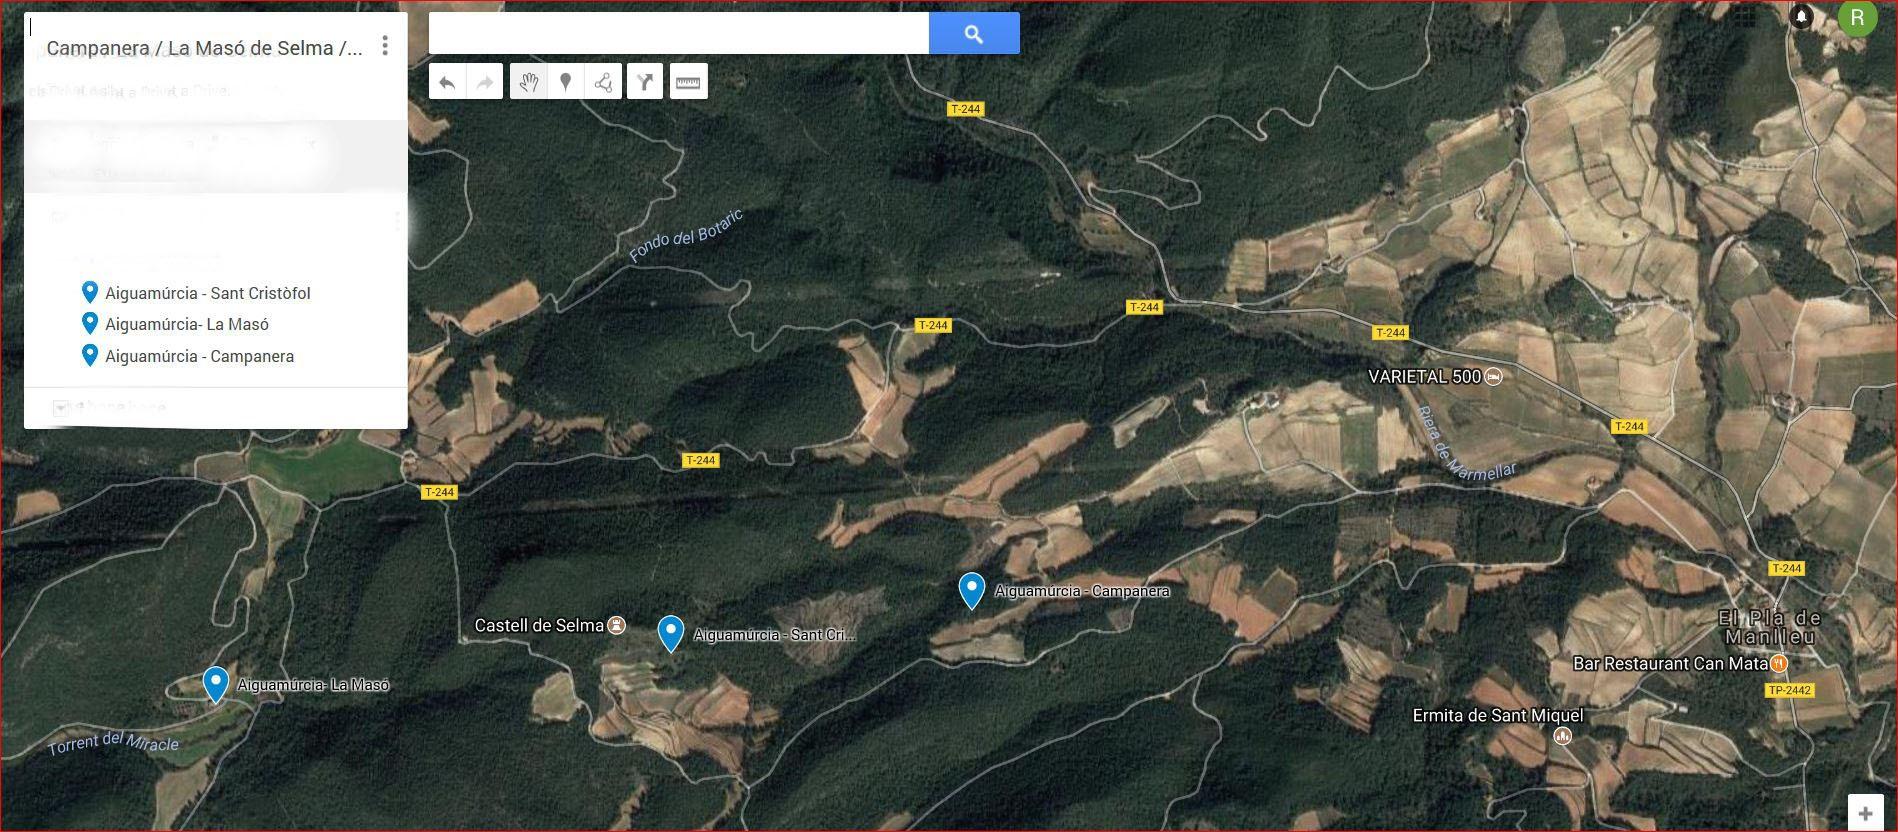 Captura de pantalla d\'un mapa de Google on es pot apreciar la situació de tres edificacions: Casa forta de la Campanera, Sant Cristòfol i La Masó de Selma